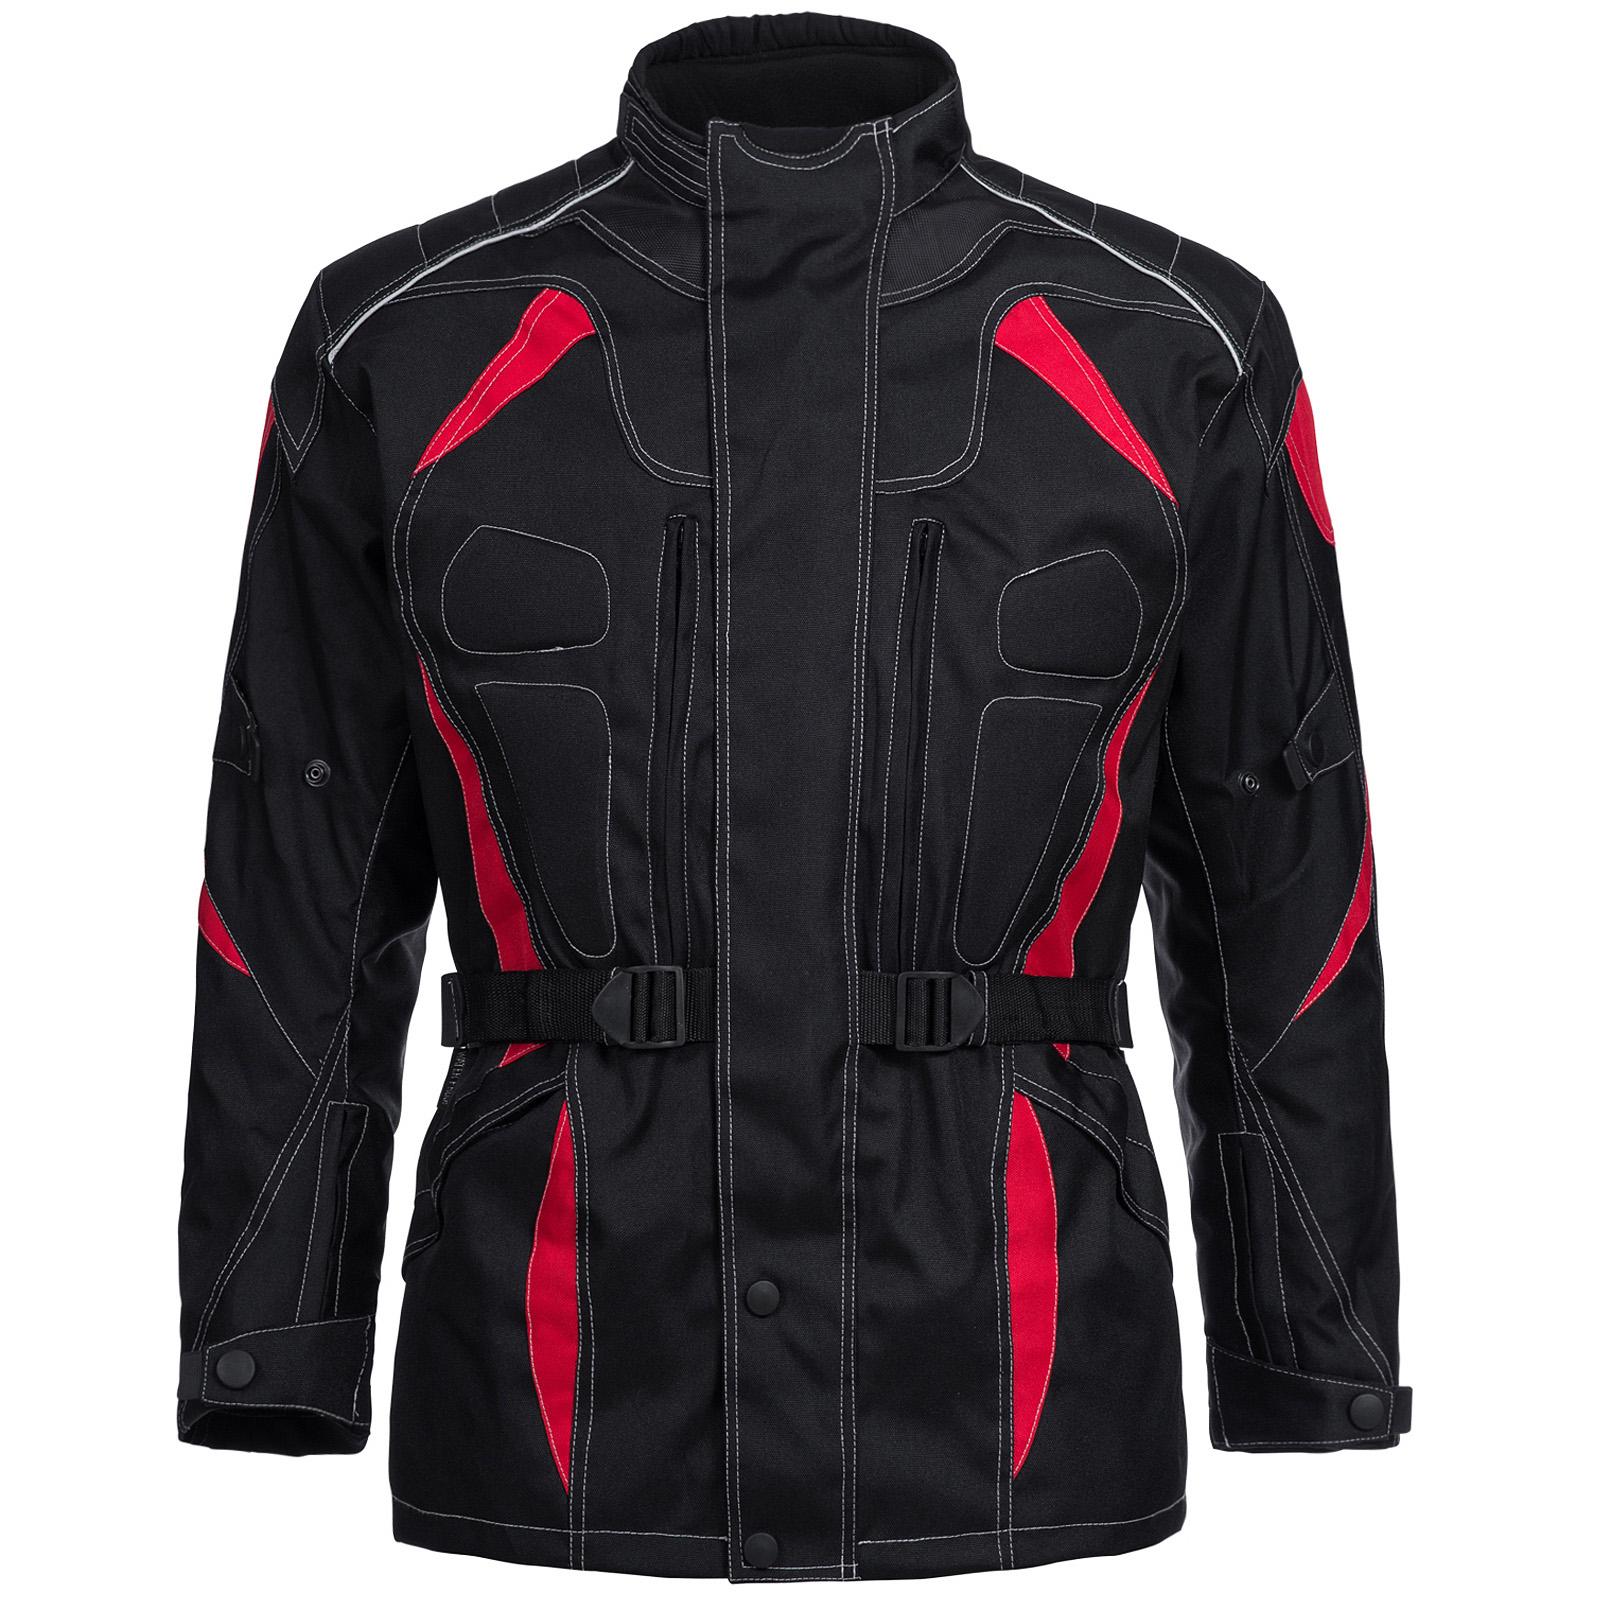 d3708b5a8e7 Chaqueta de MOTO Limitless Hombre Familiar textil cordura negro rojo ...